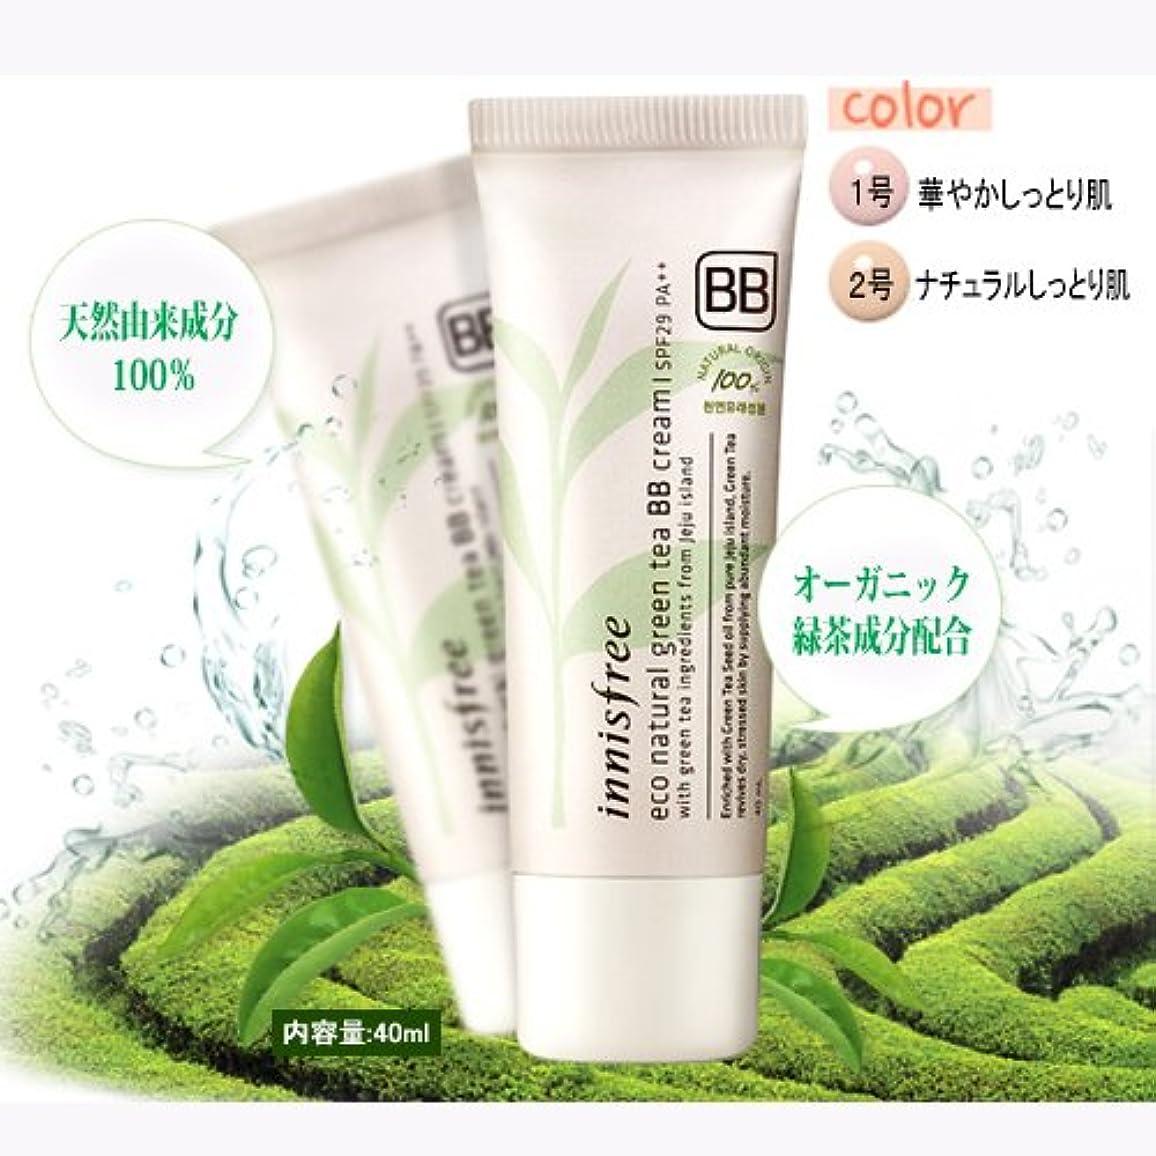 スポンサー花瓶トロリーinnisfree/イニスフリー Eco Natural Green Tea BB Cream #02/エコナチュラルグリーンティーBBクリームナチュラルなしっとりお肌 SPF29PA++40ml